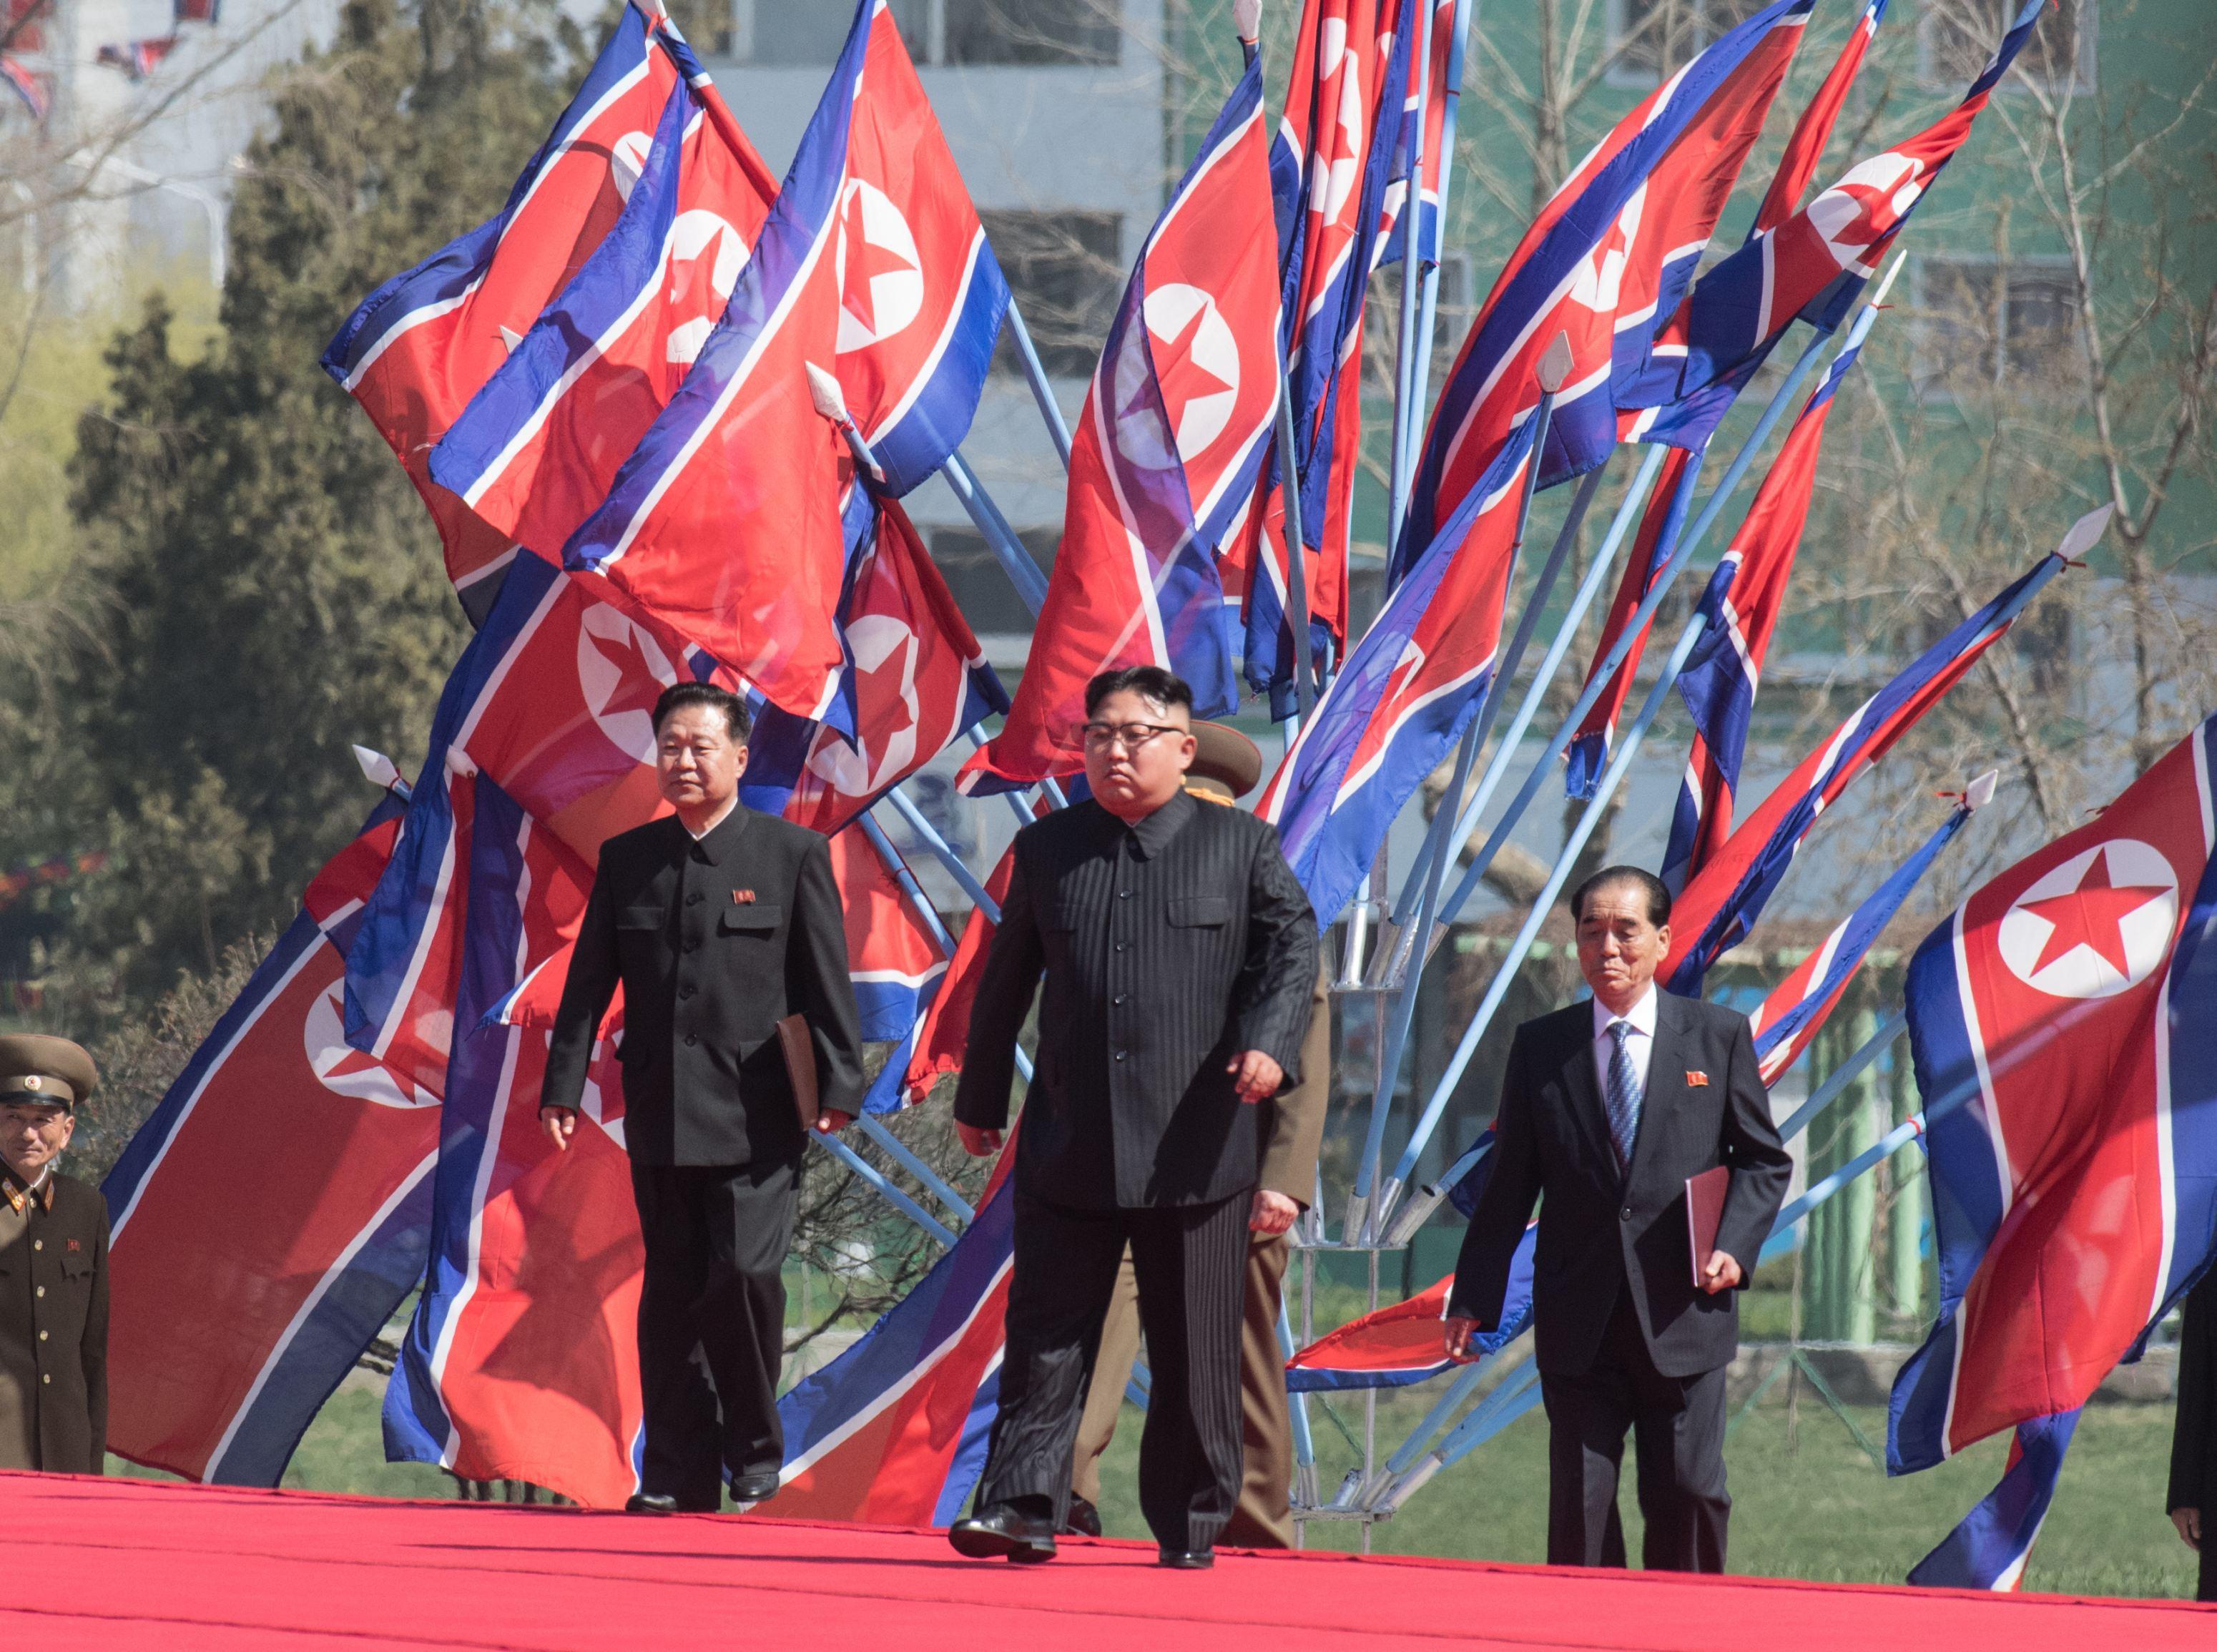 Summitul organizat de SUA privind Coreea de Nord subminează ONU şi agravează situaţia, susţine Rusia